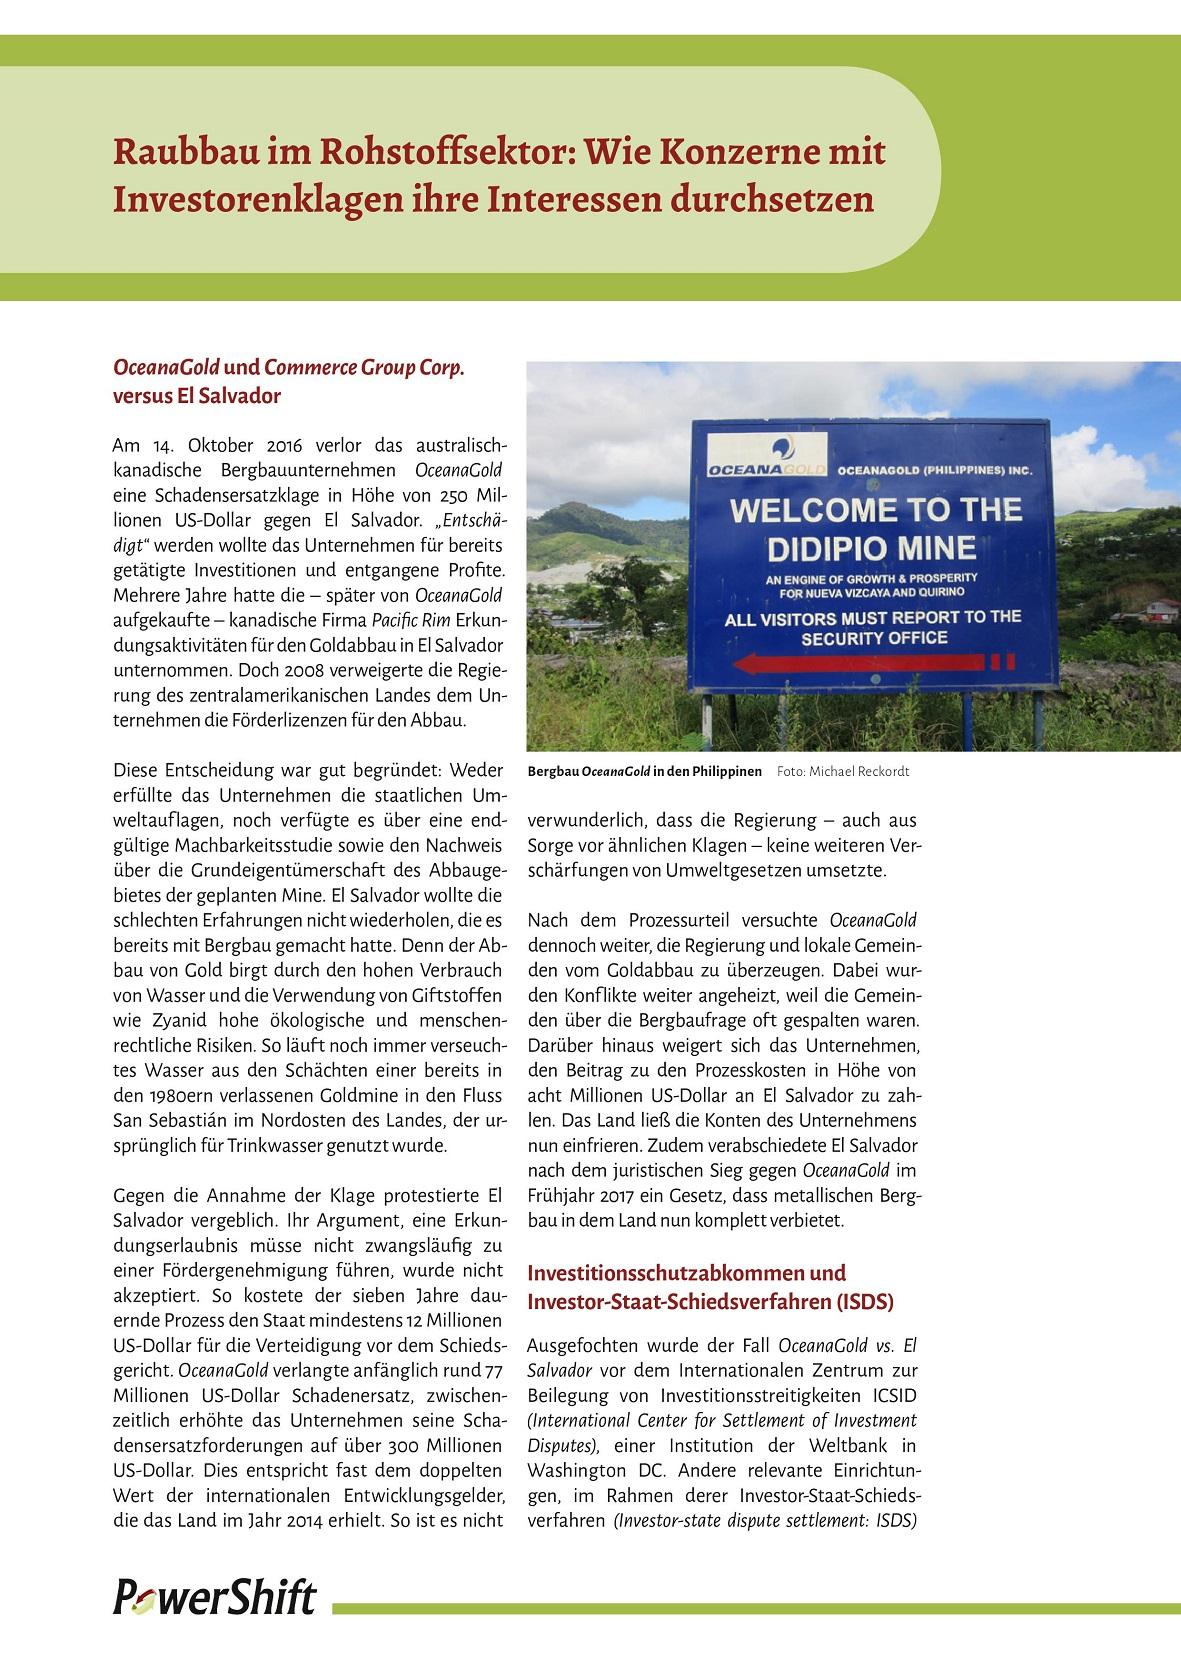 Cover Raubbau im Rohstoffsektor Wie Konzerne mit Investorenklagen ihre Interessen durchsetzen